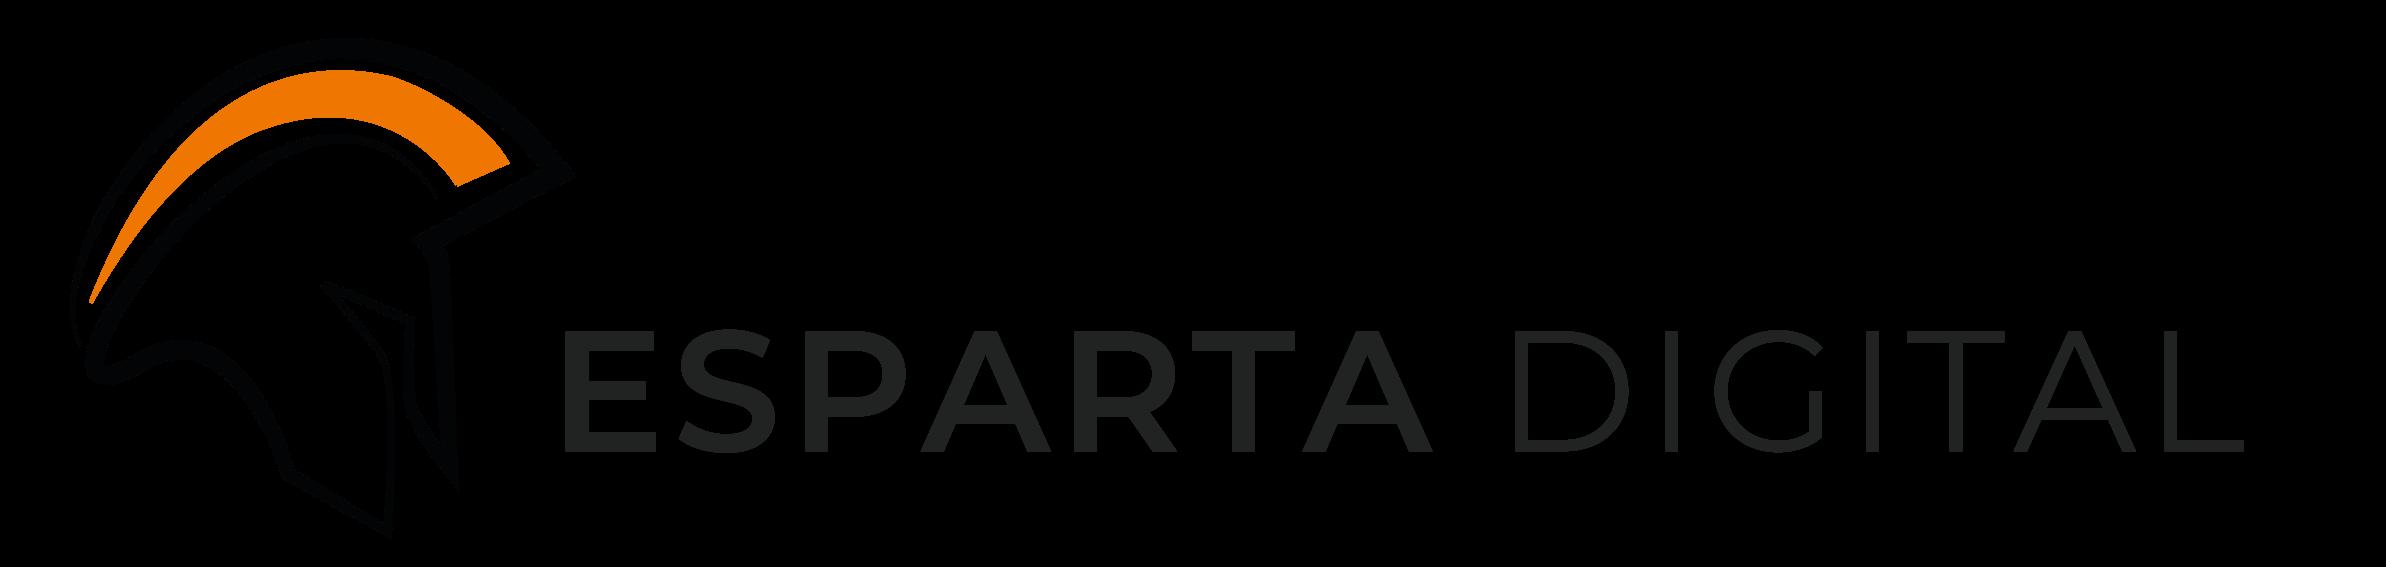 esparta digital agencia de marketing logo